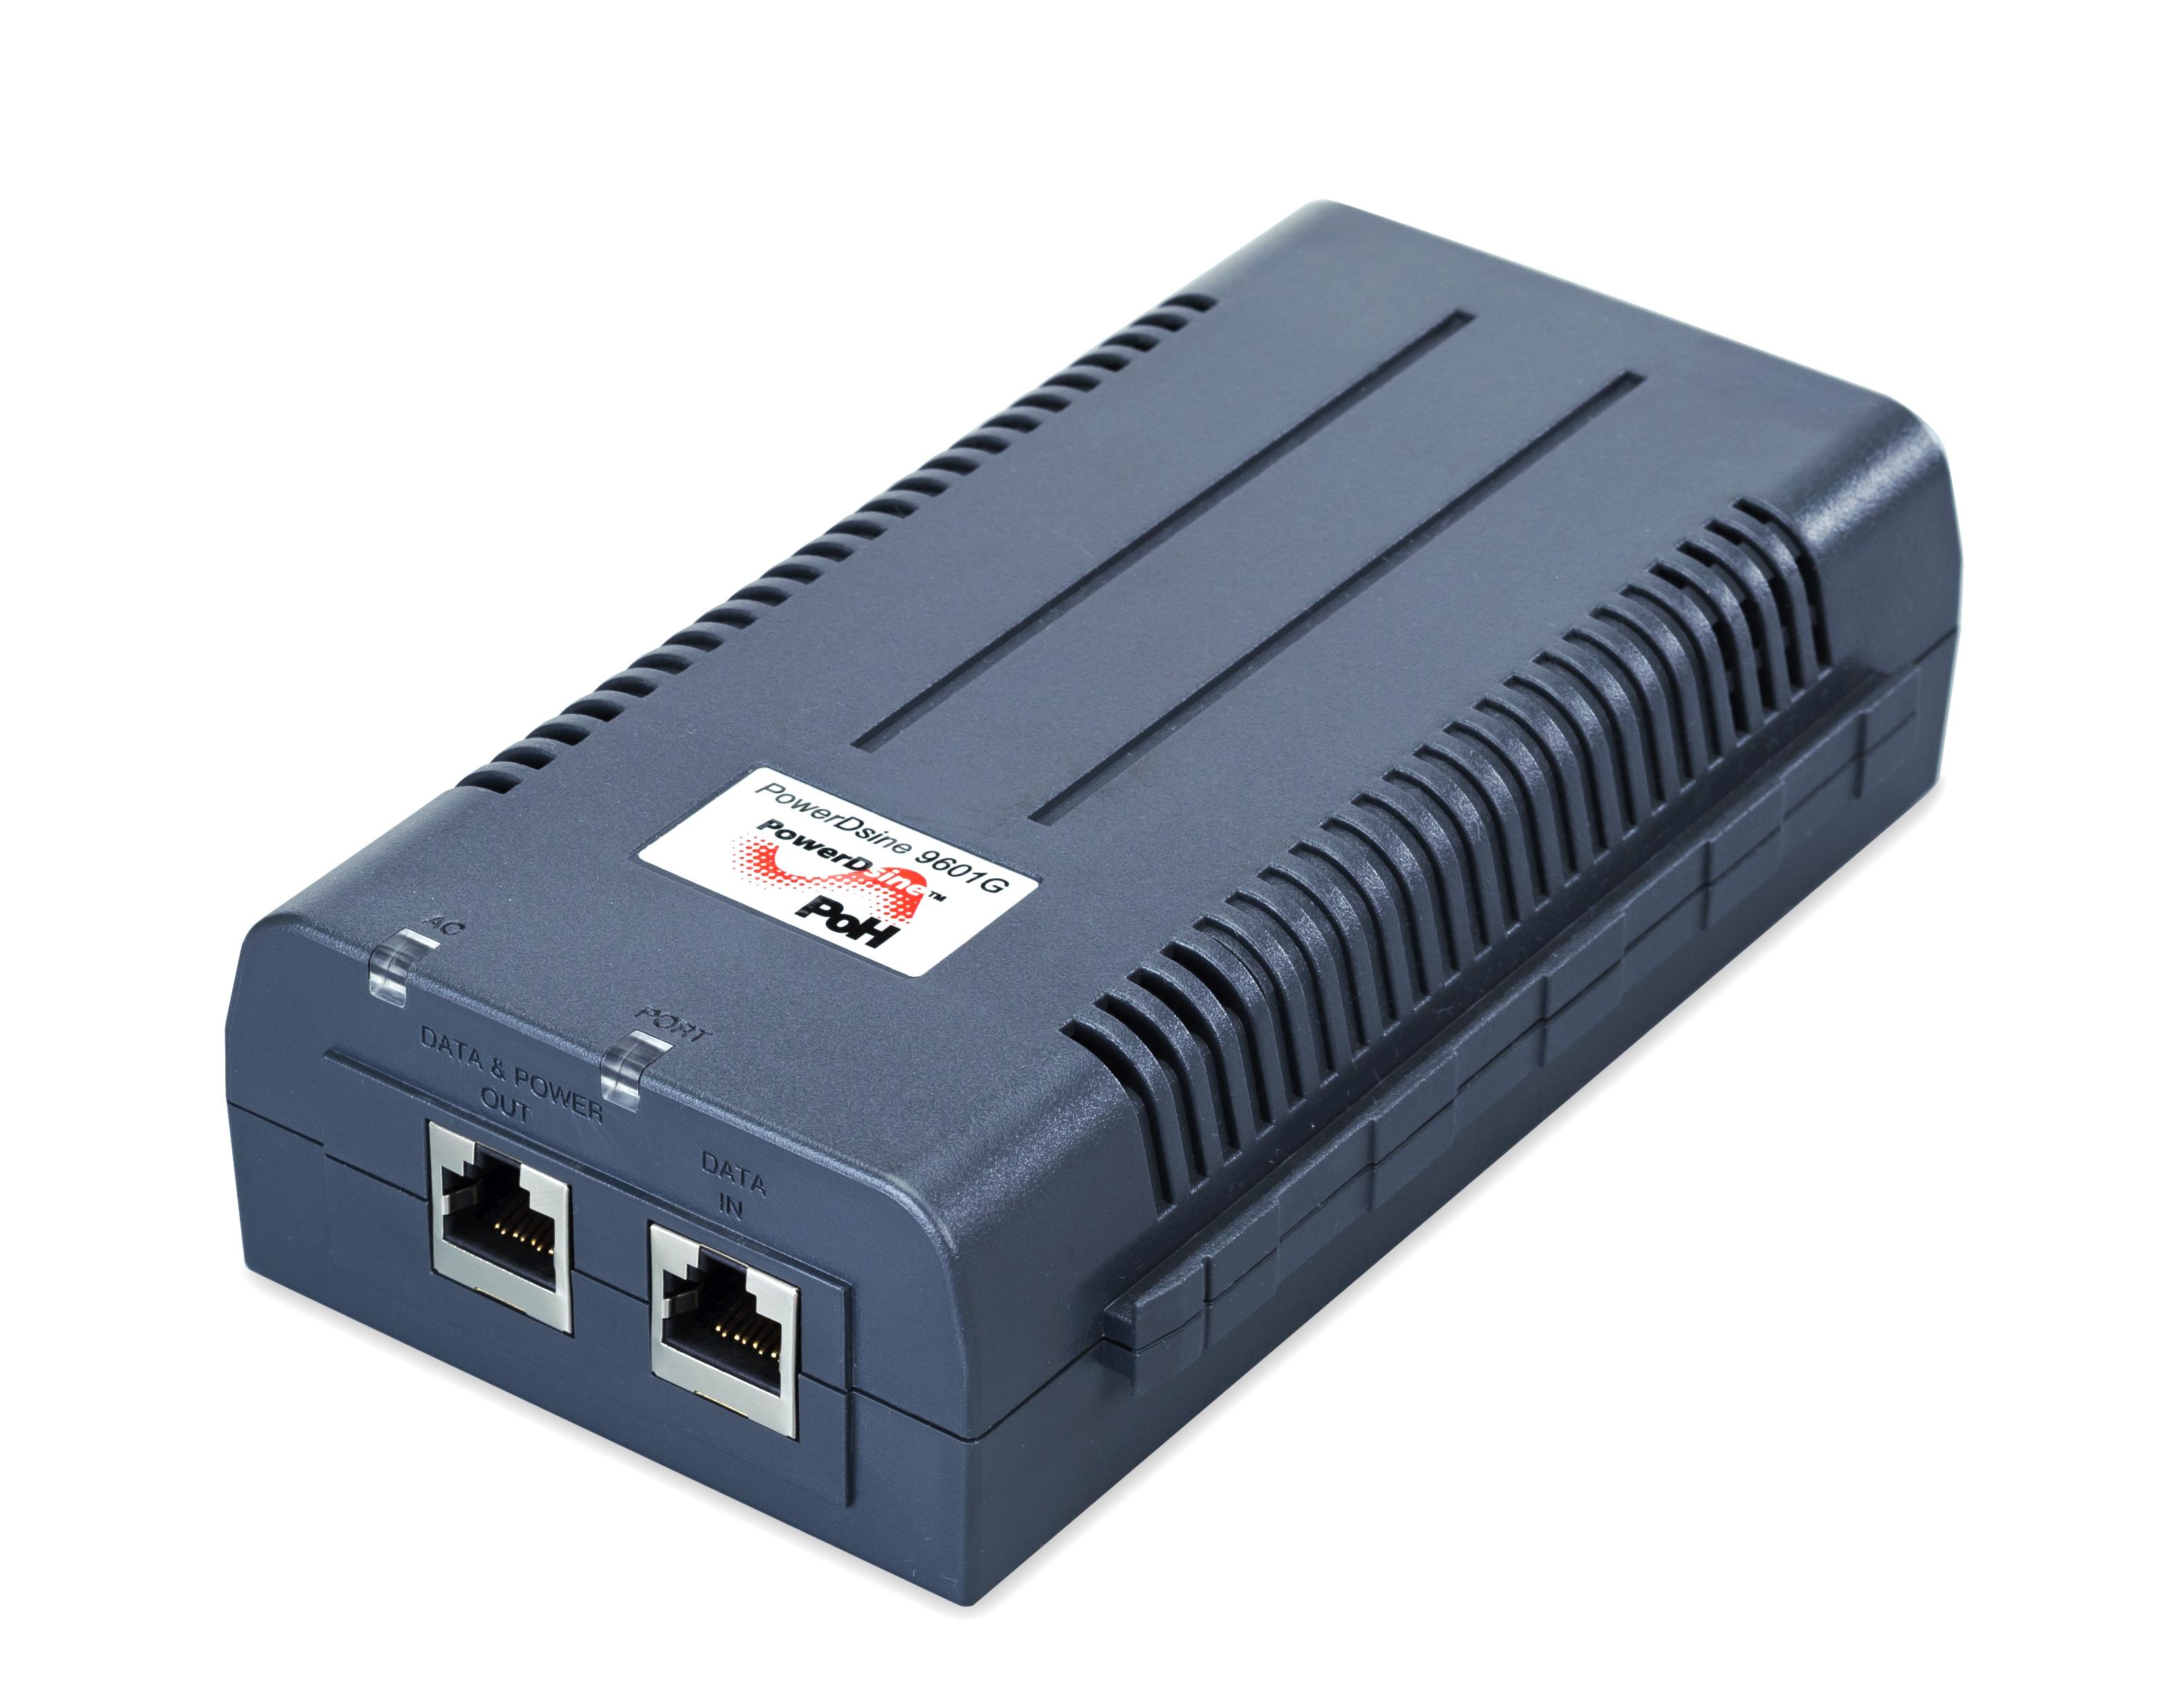 Microsemi 9601G Gigabit Ethernet 57V PoE adapter